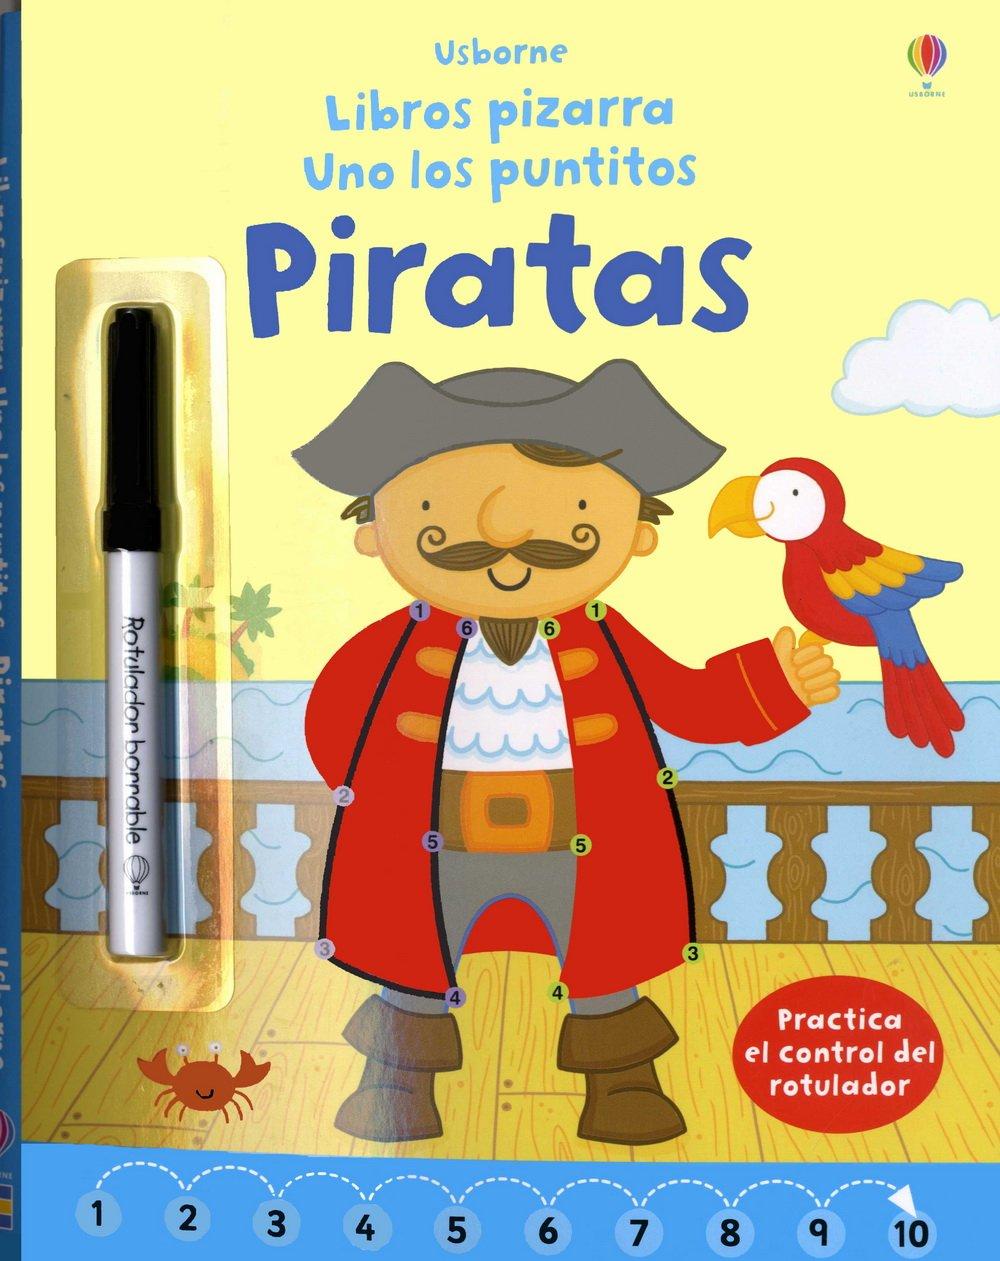 UNO LOS PUNTITOS LIBRO PIZARRA: KATRINA FEARN: 9781474915502 ...